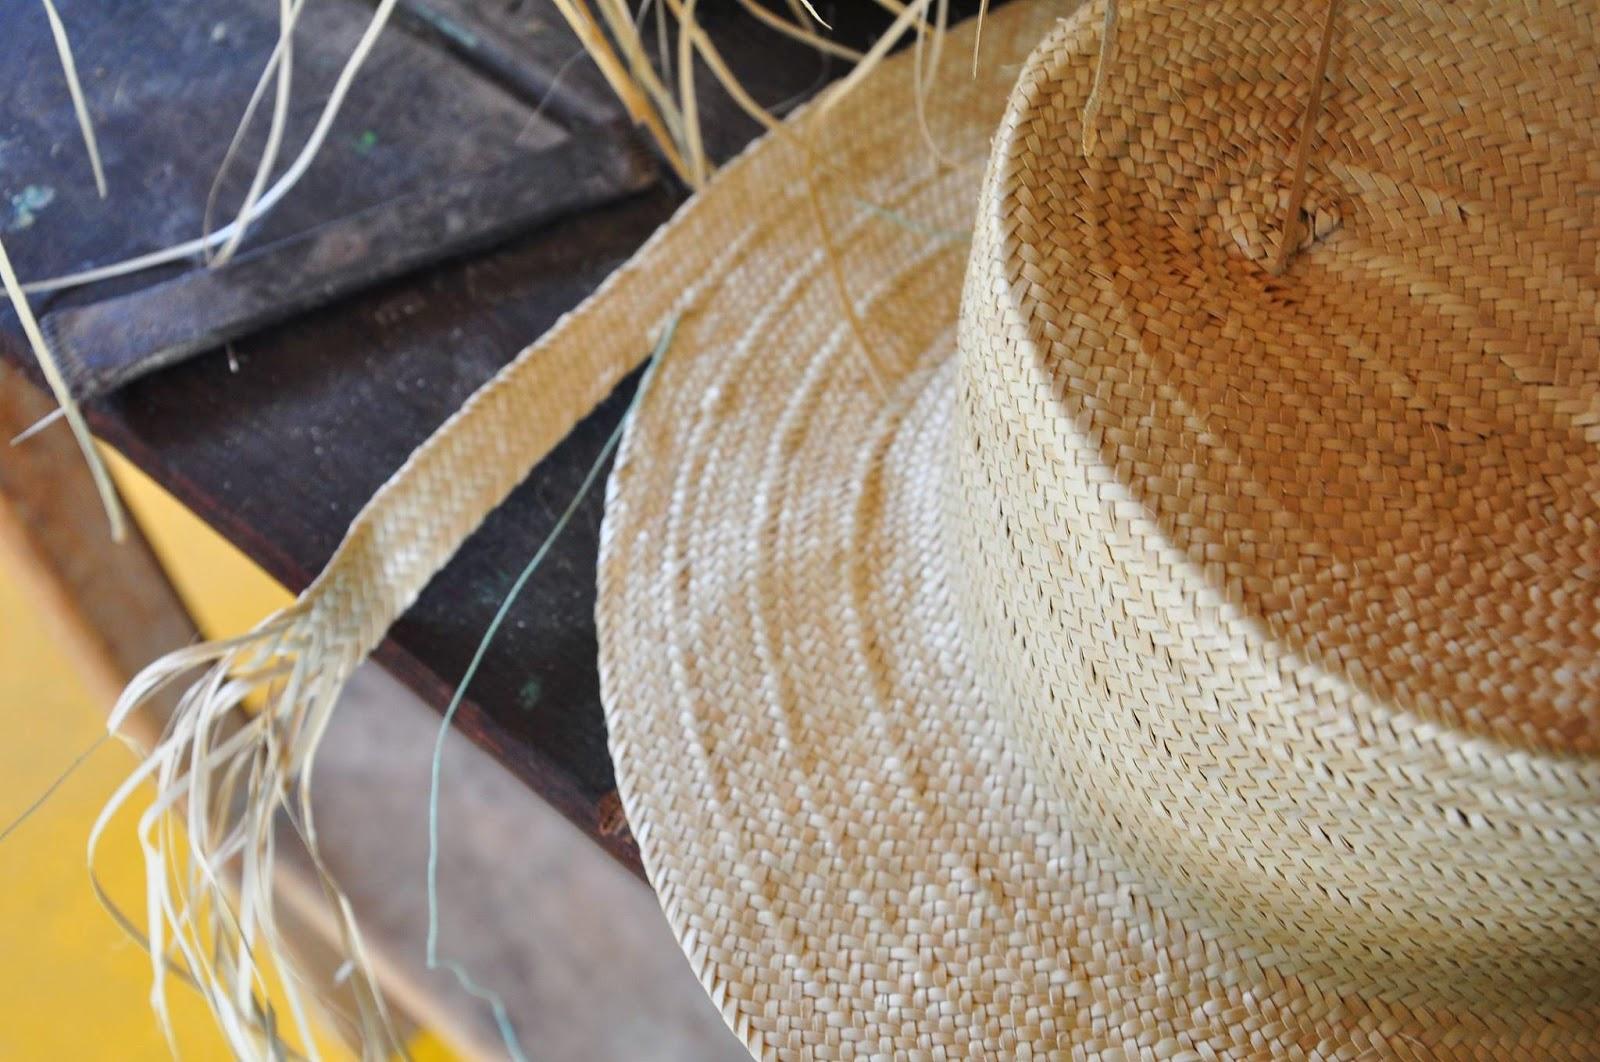 d7339befc5f26 de Indaiá e Taquaraçú esta arraigada no berço das famílias morrenses. Mãos  talentosas trançam e mantêm firme a tradição do artesanato em palha.